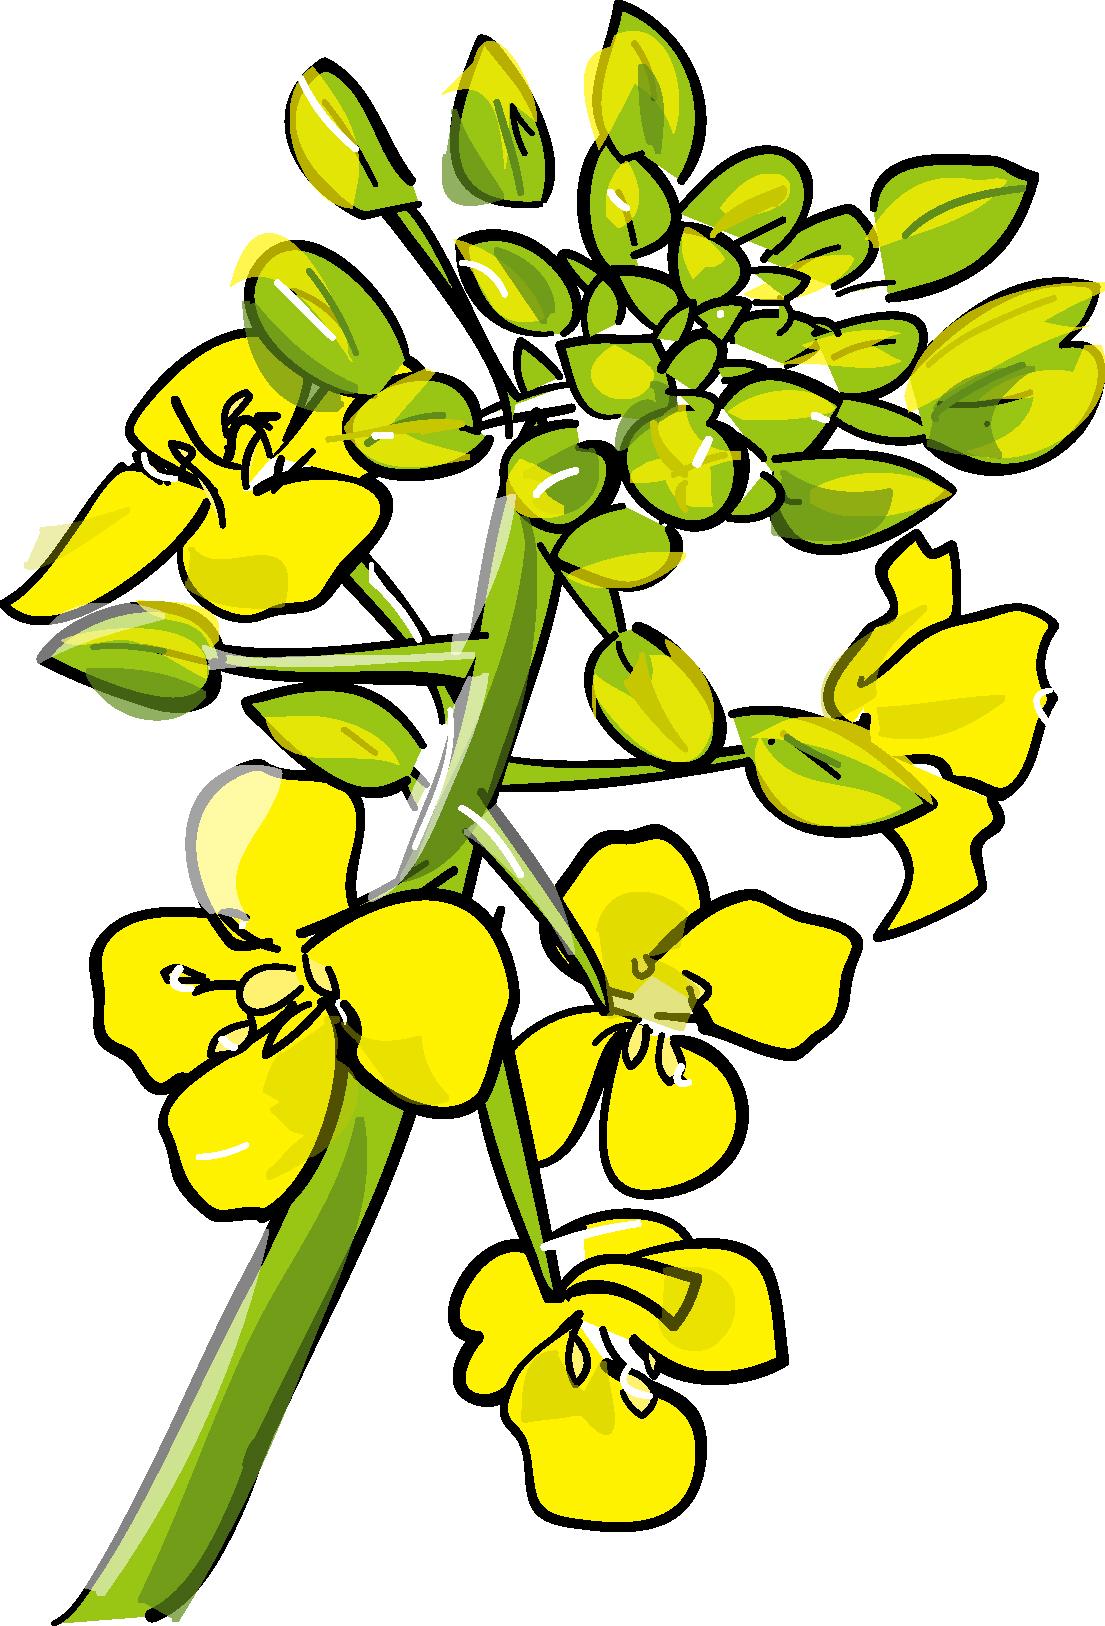 無料イラスト素材・カット素材「菜の花」ダウンロード/印刷素材